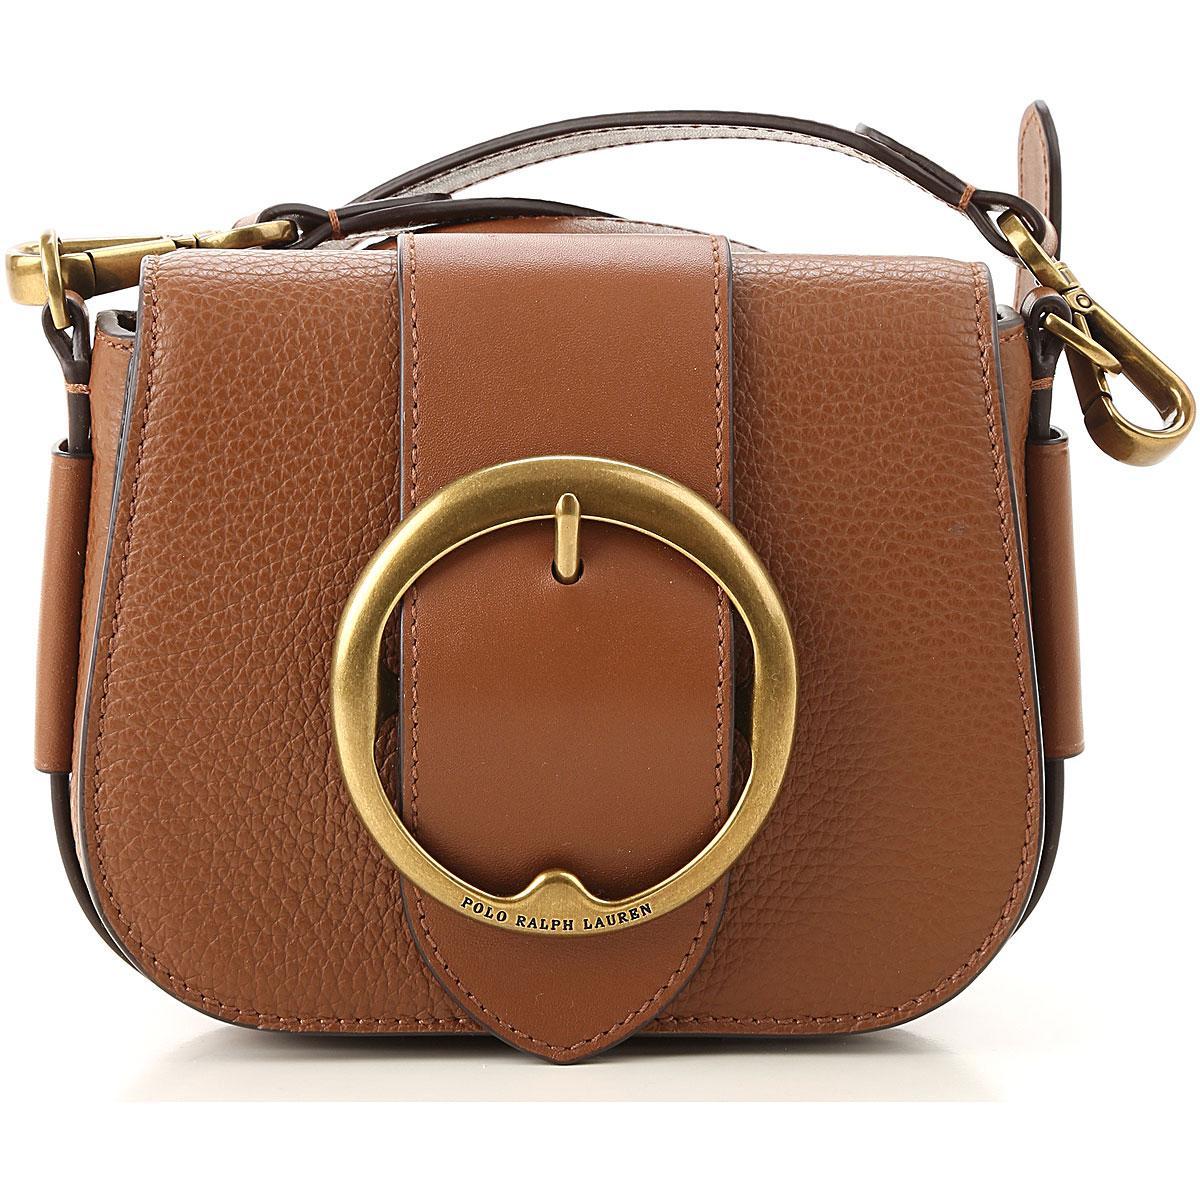 6dc209c53 Bolso Bandolera para Mujer Ralph Lauren de color Marrón - Lyst